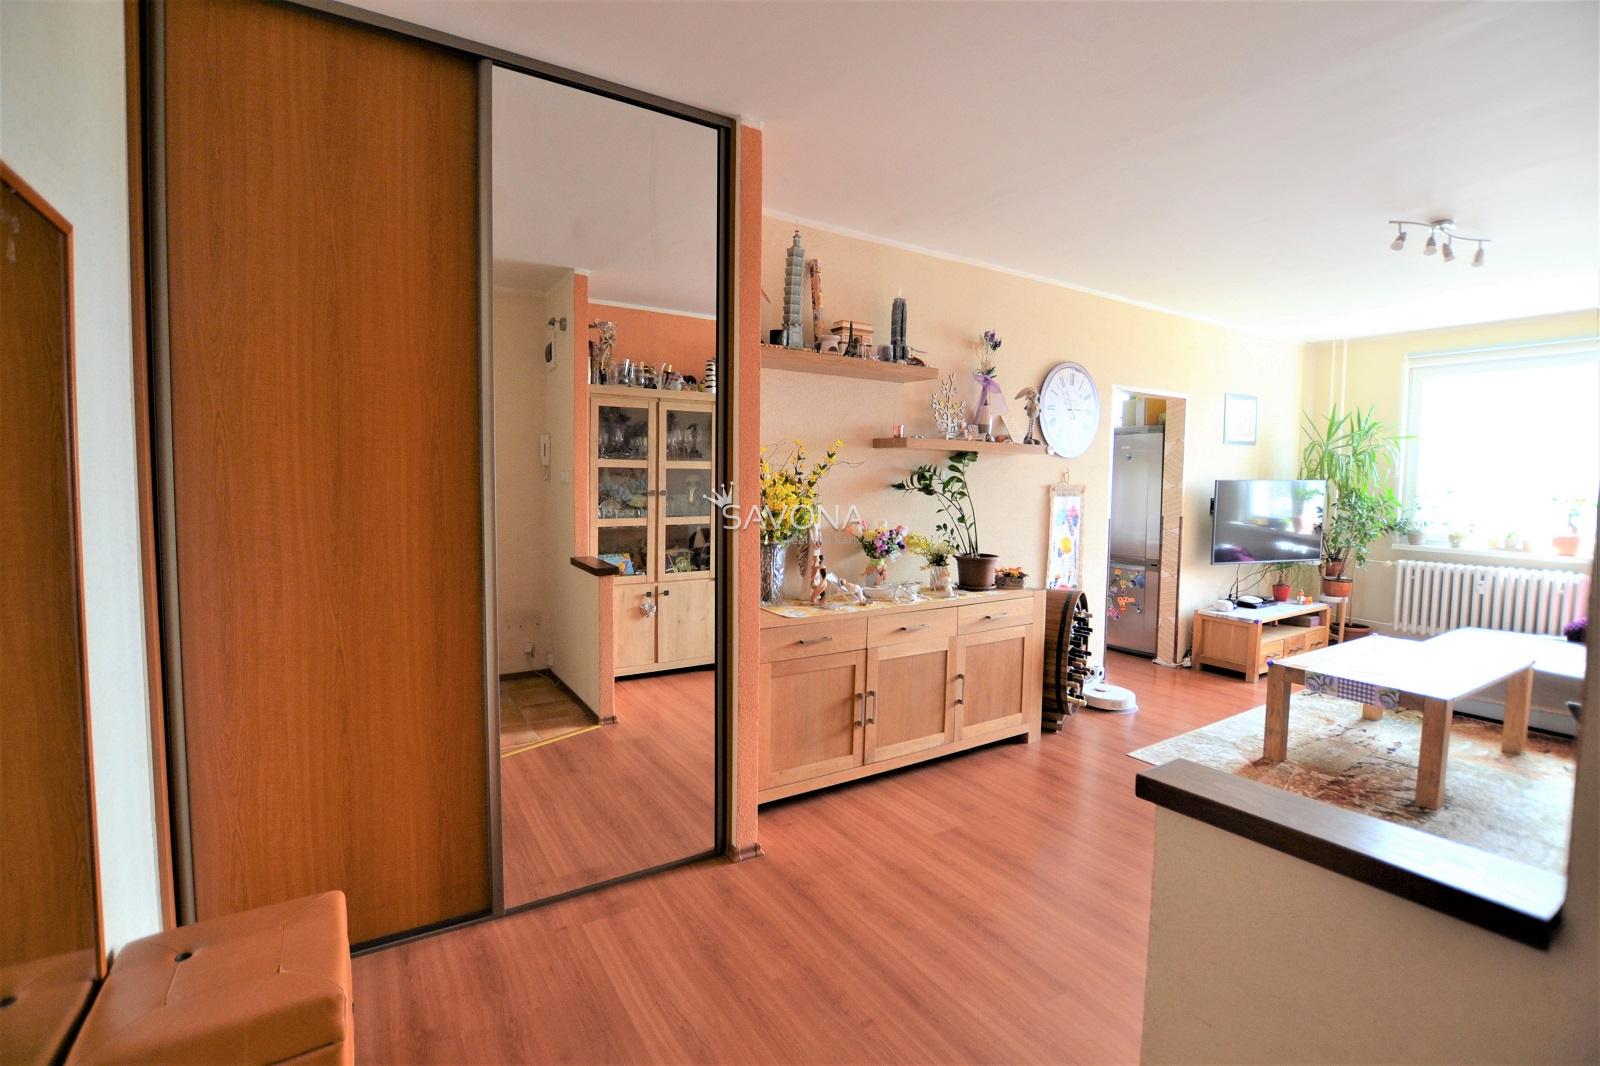 PREDANÝ - 3 izbový byt s balkónom, po rekonštrukcii, 76 m2, ul. Moyzesova, POPRAD